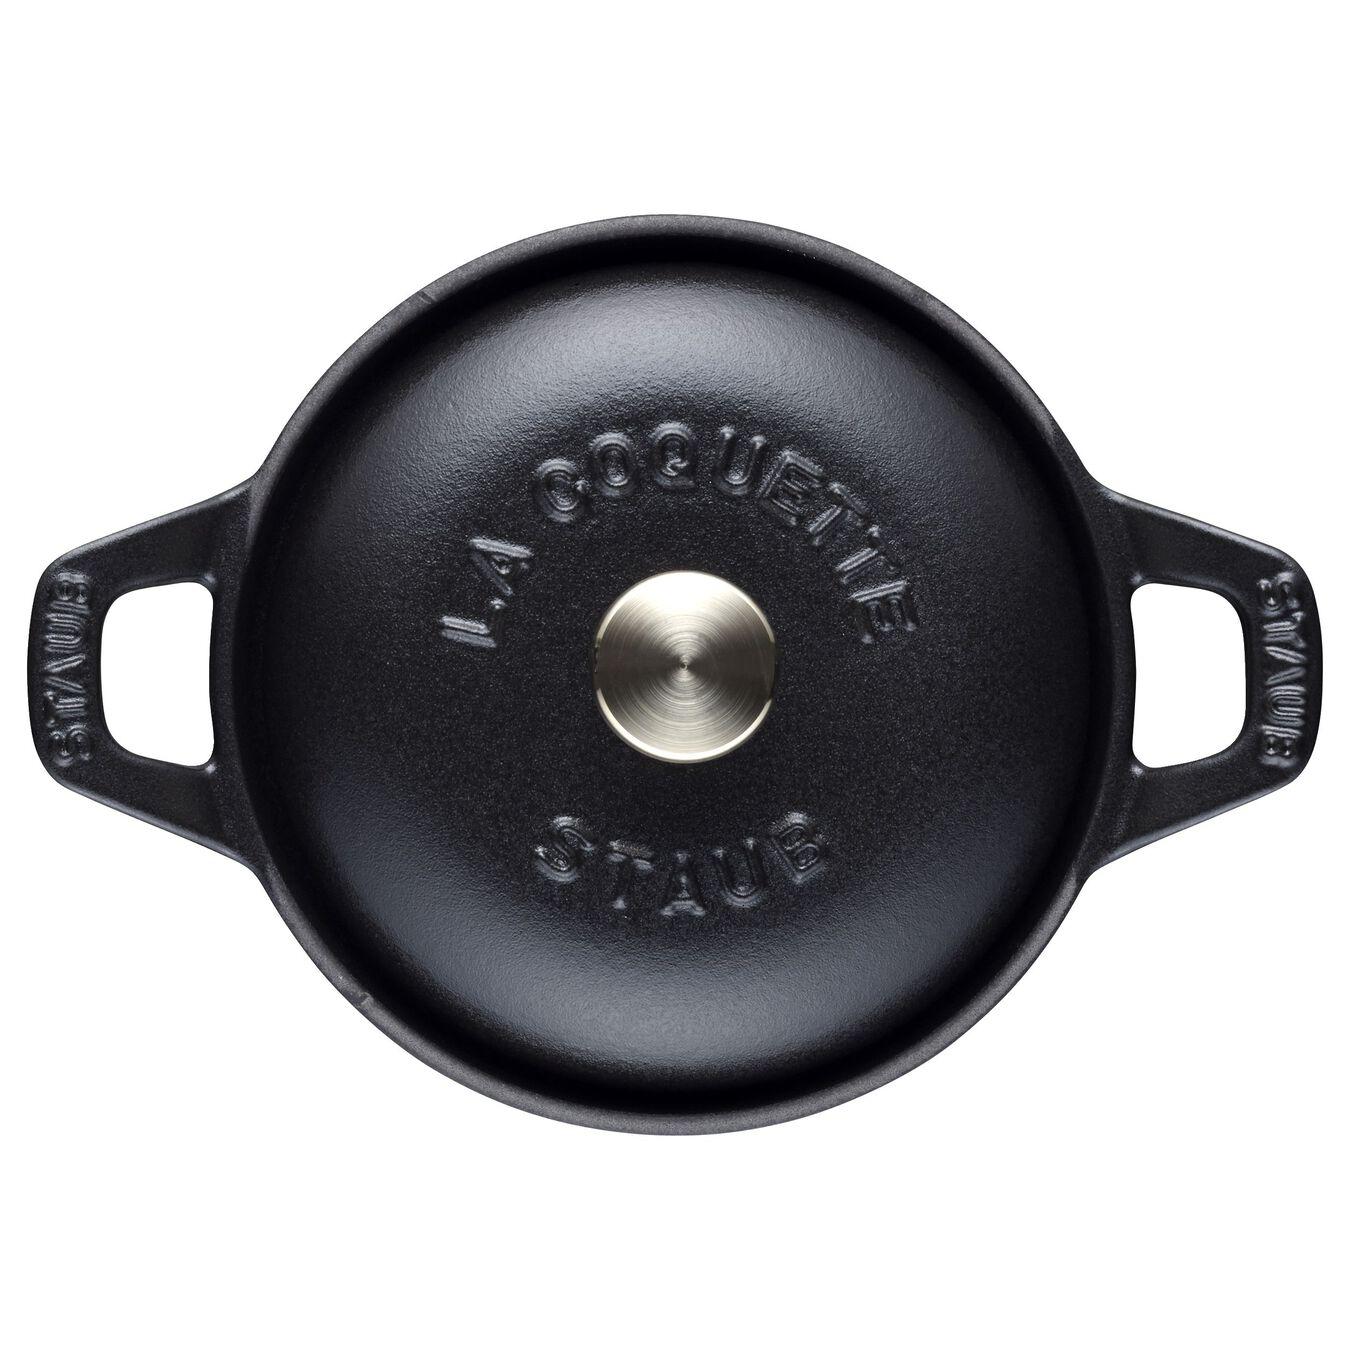 0.525 qt, La Coquette, Black Matte,,large 2